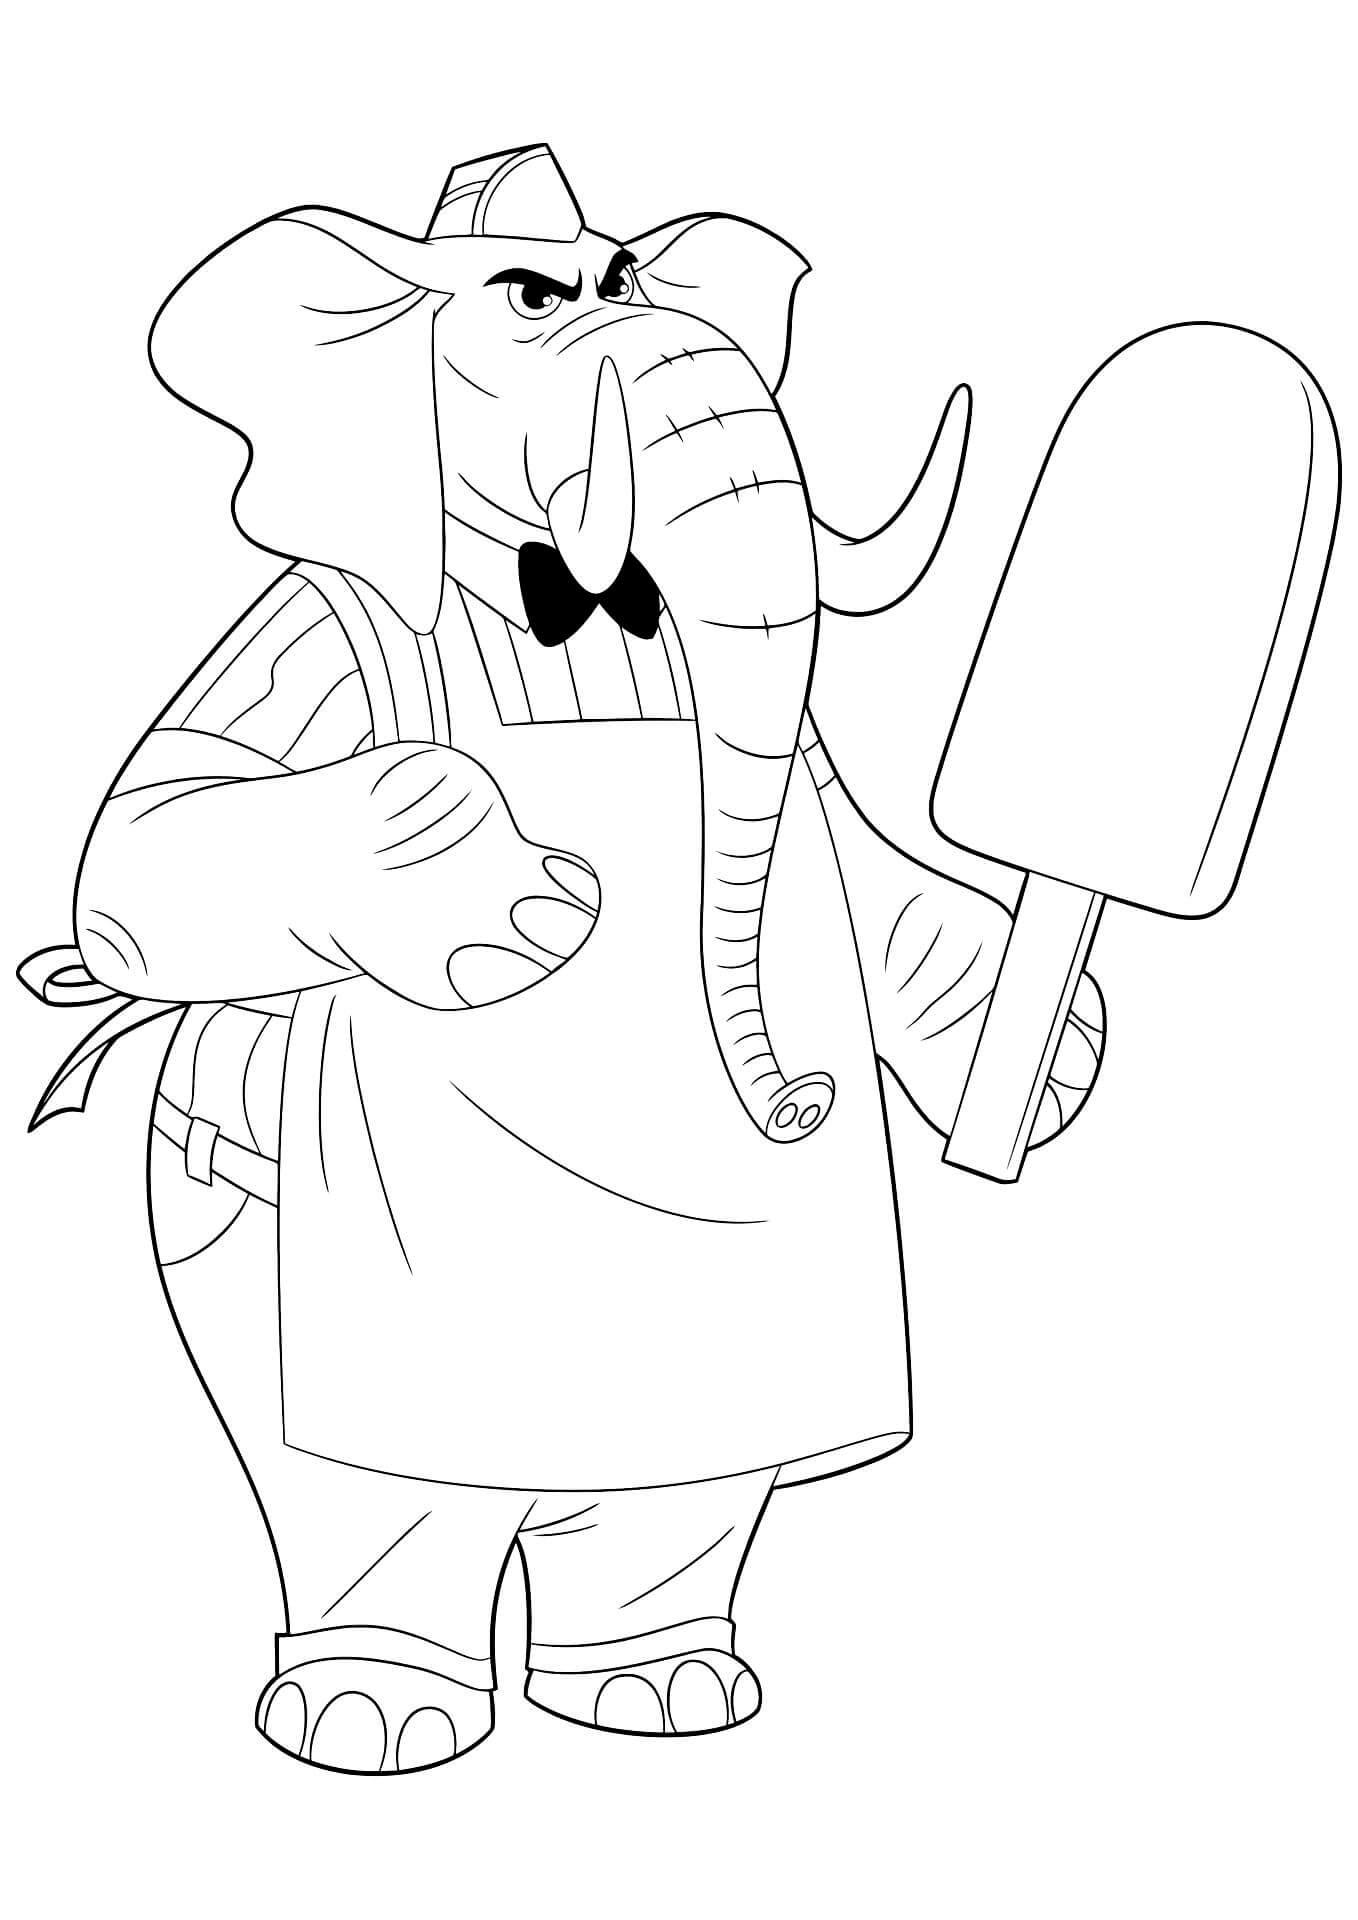 Раскраска Джерри Джамбу и мороженое